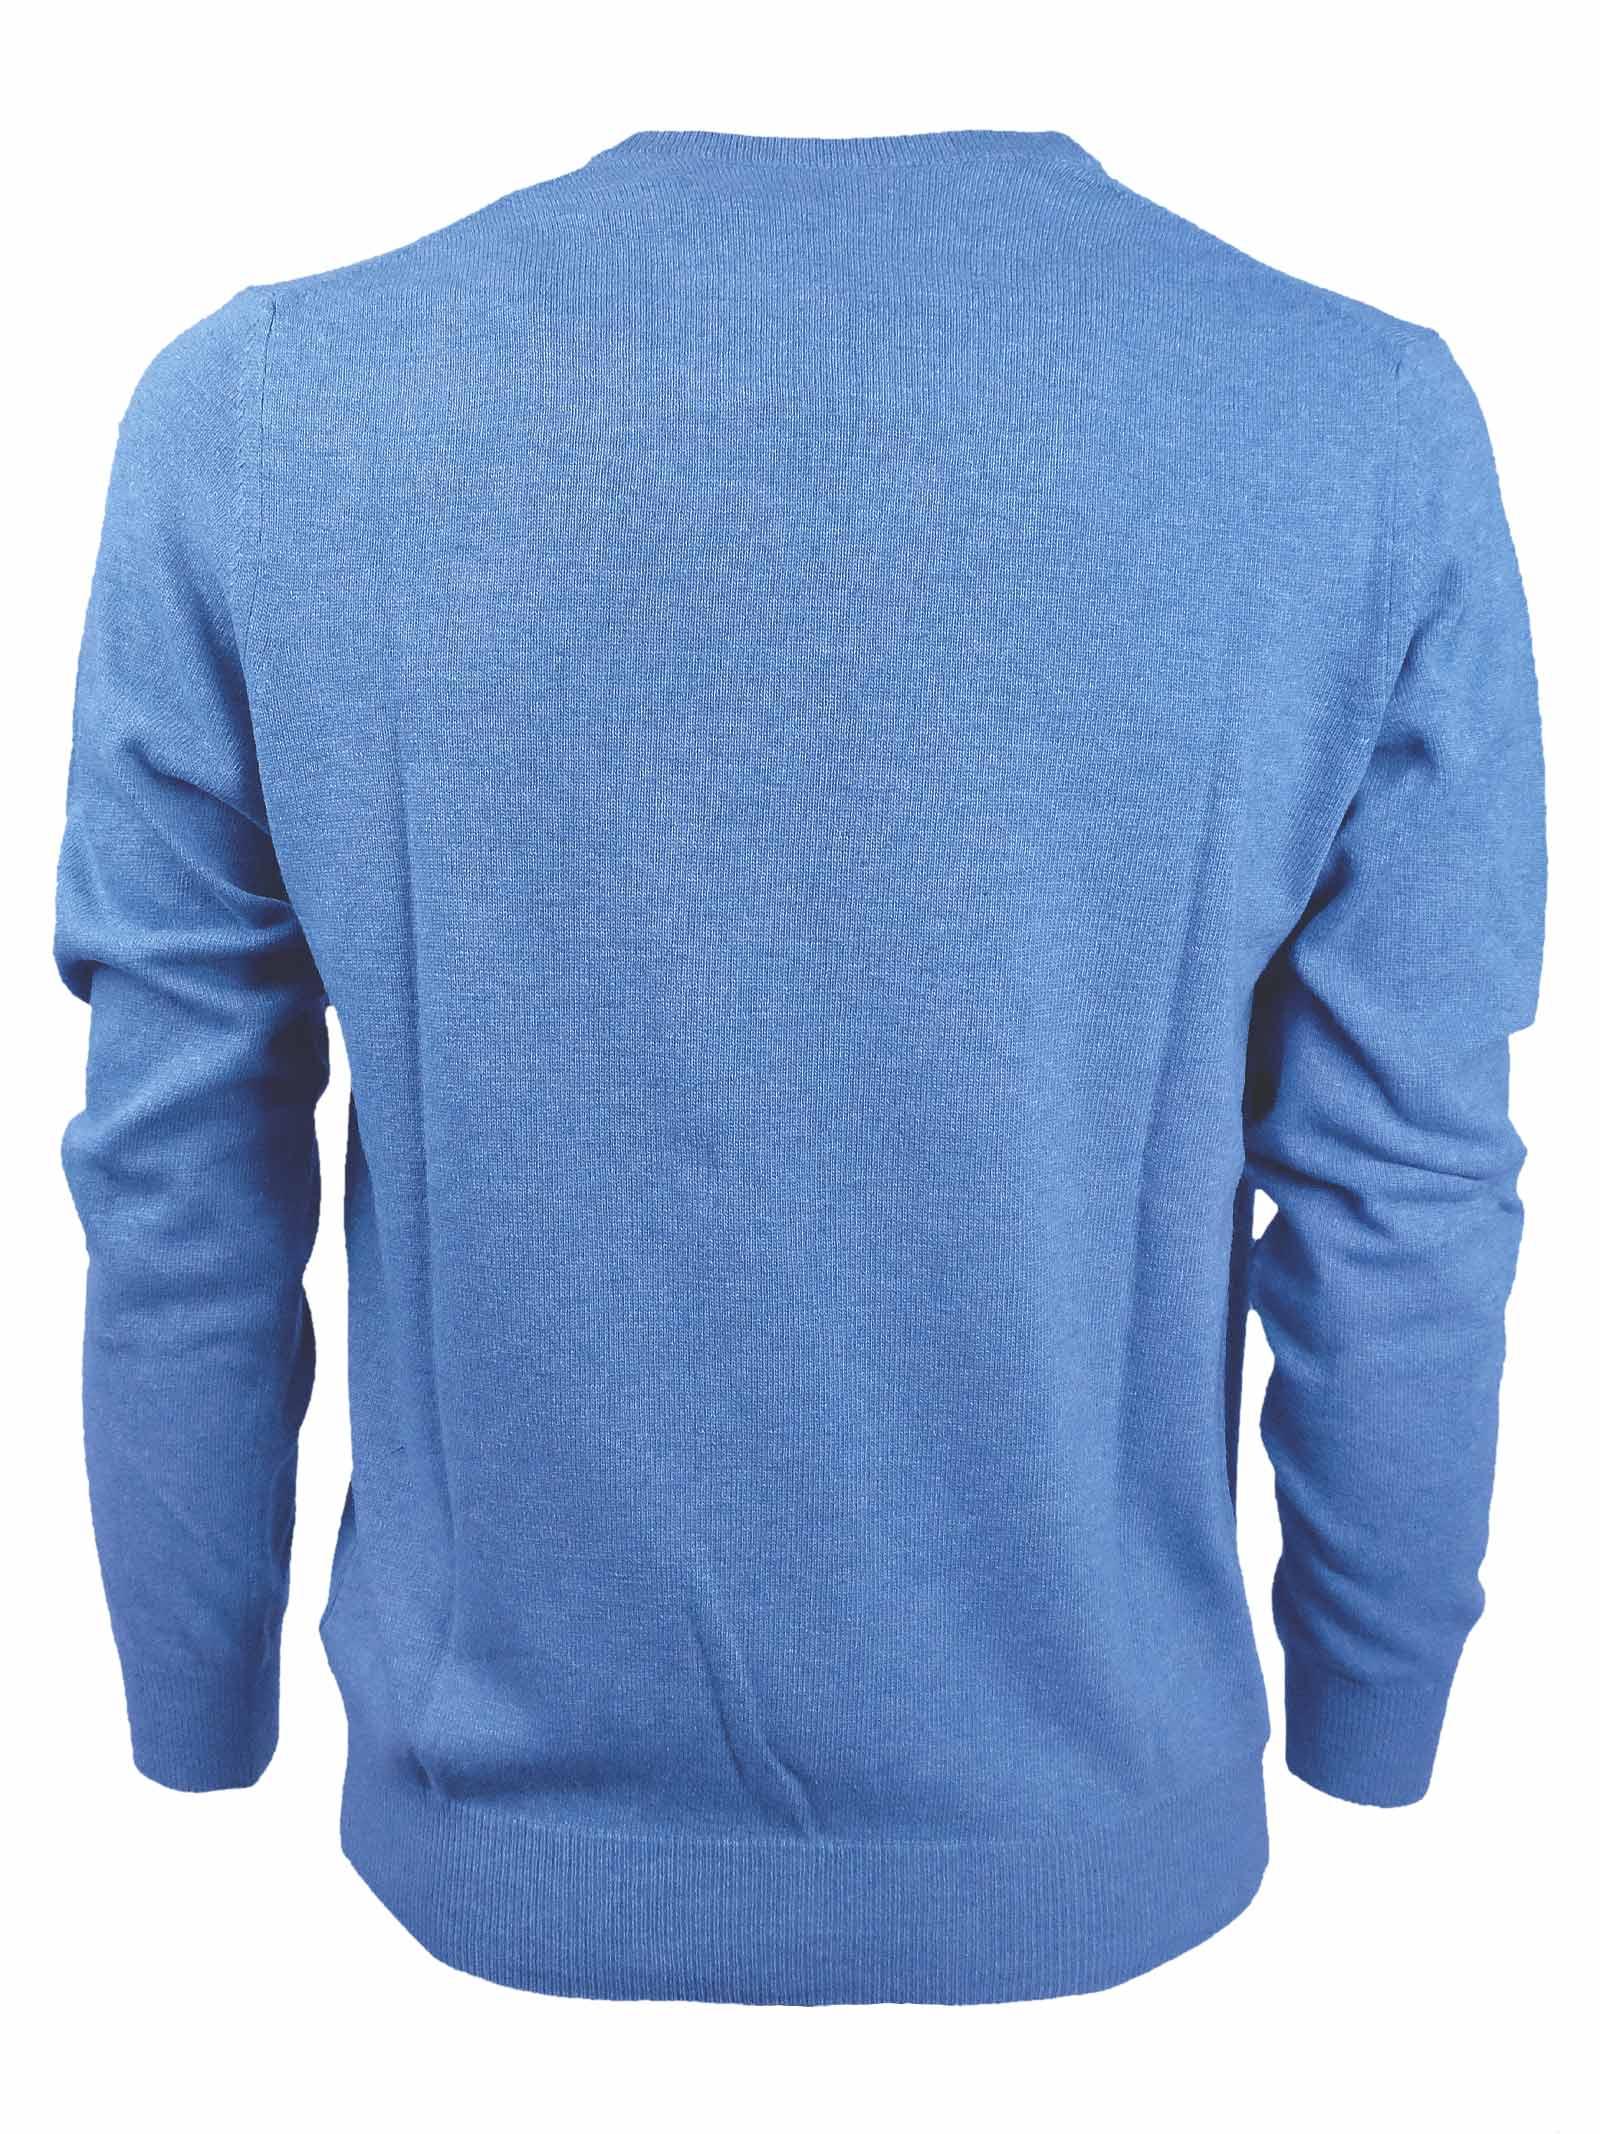 RICCIARDI | Knitwear | 45561104190